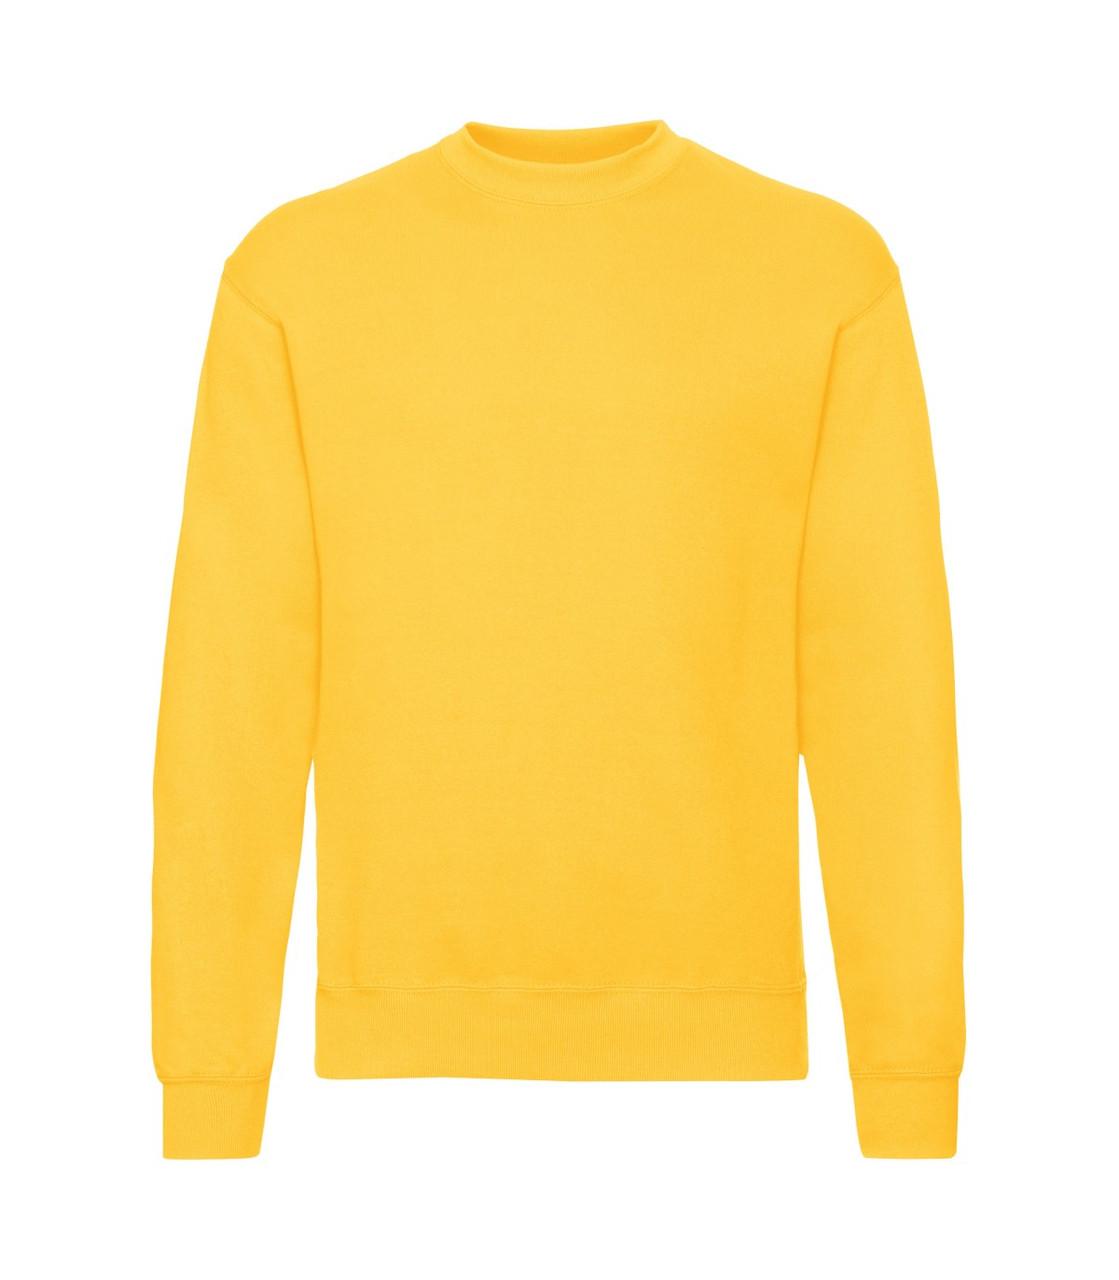 Мужской свитер-реглан желтый 202-34